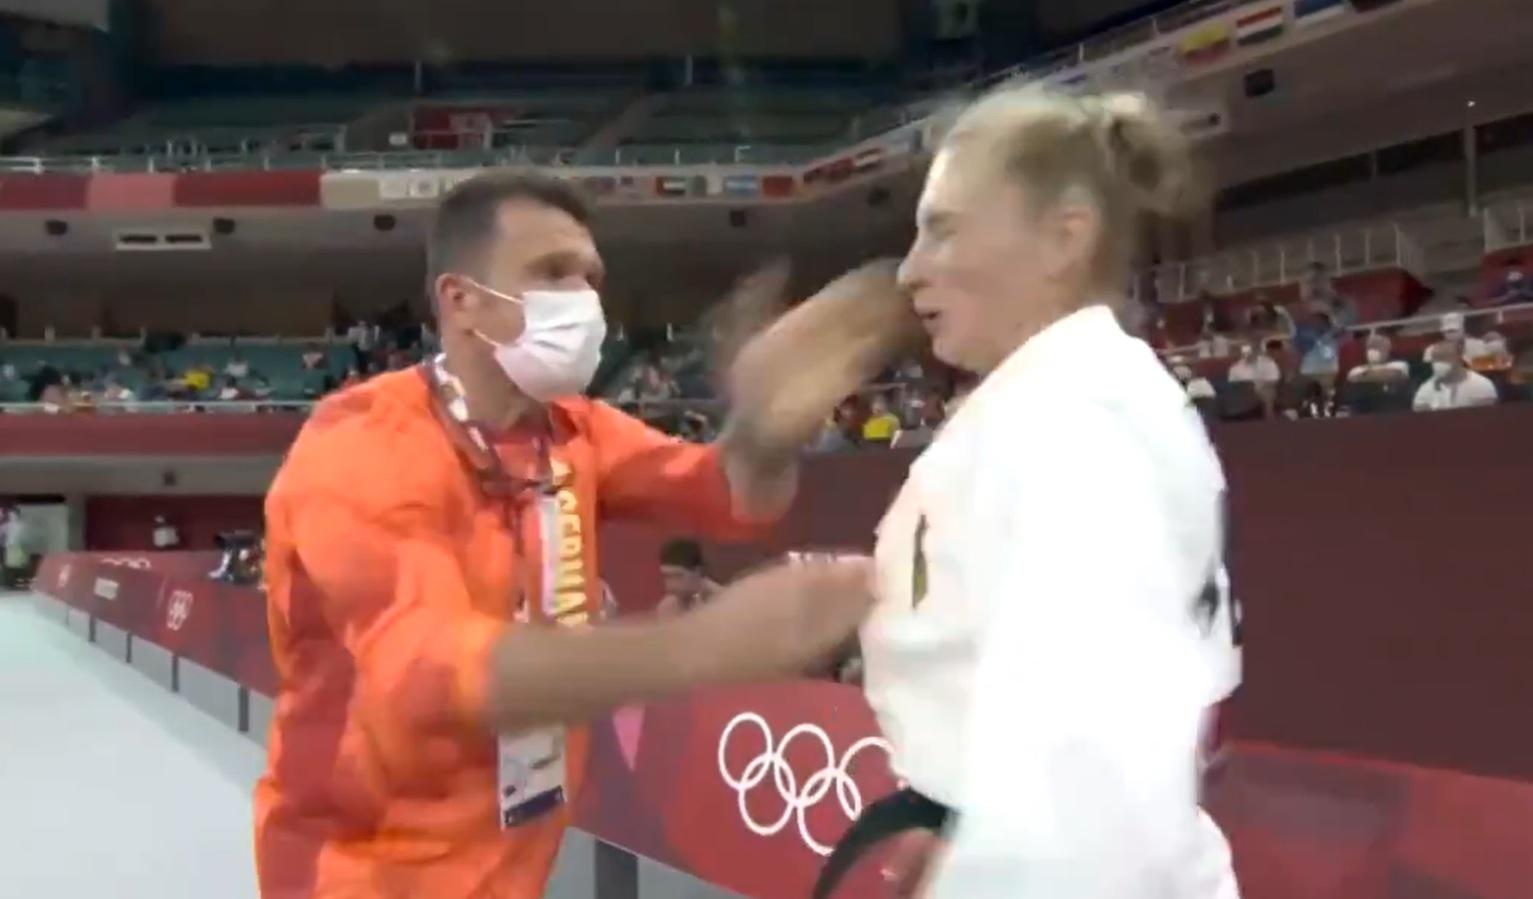 Snimak OLIMPIJKE koju trener šamara pre meča izazvala je bes: Martina je javno reagovala i objasnila šte se krije iza OVOG VIDEO-KLIPA